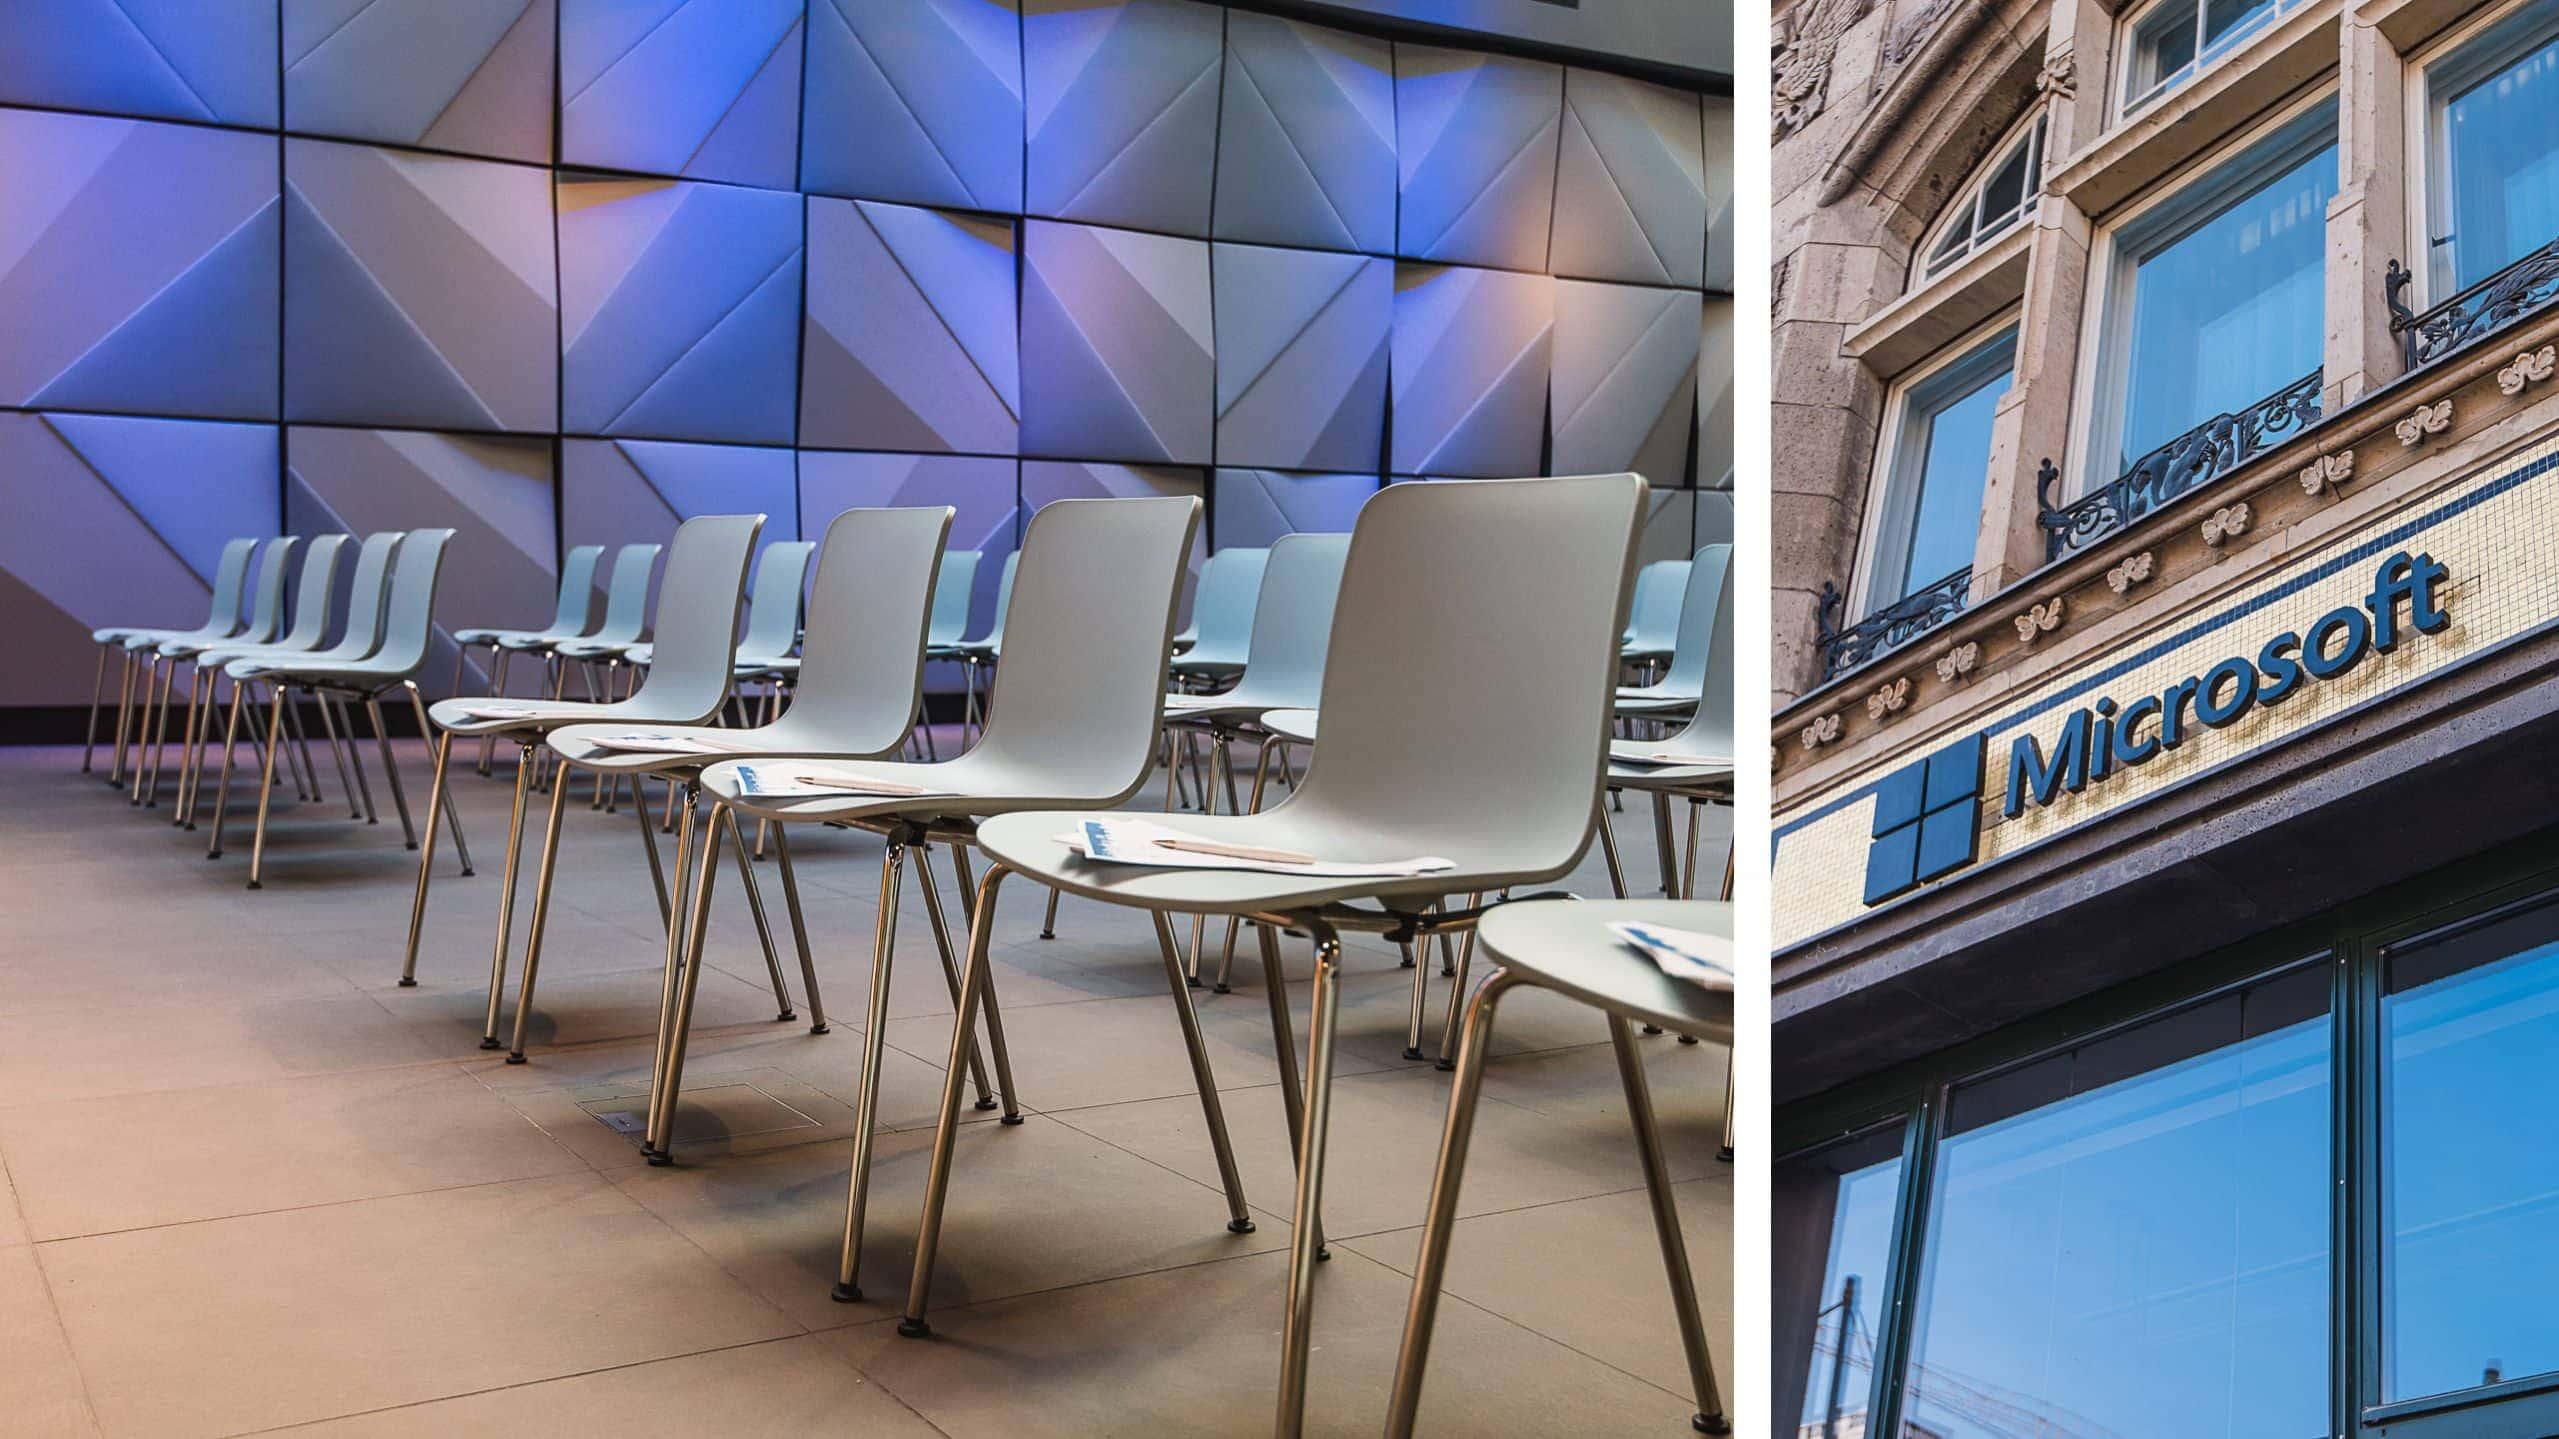 JungundWilddesign Business Architektur Interior 024